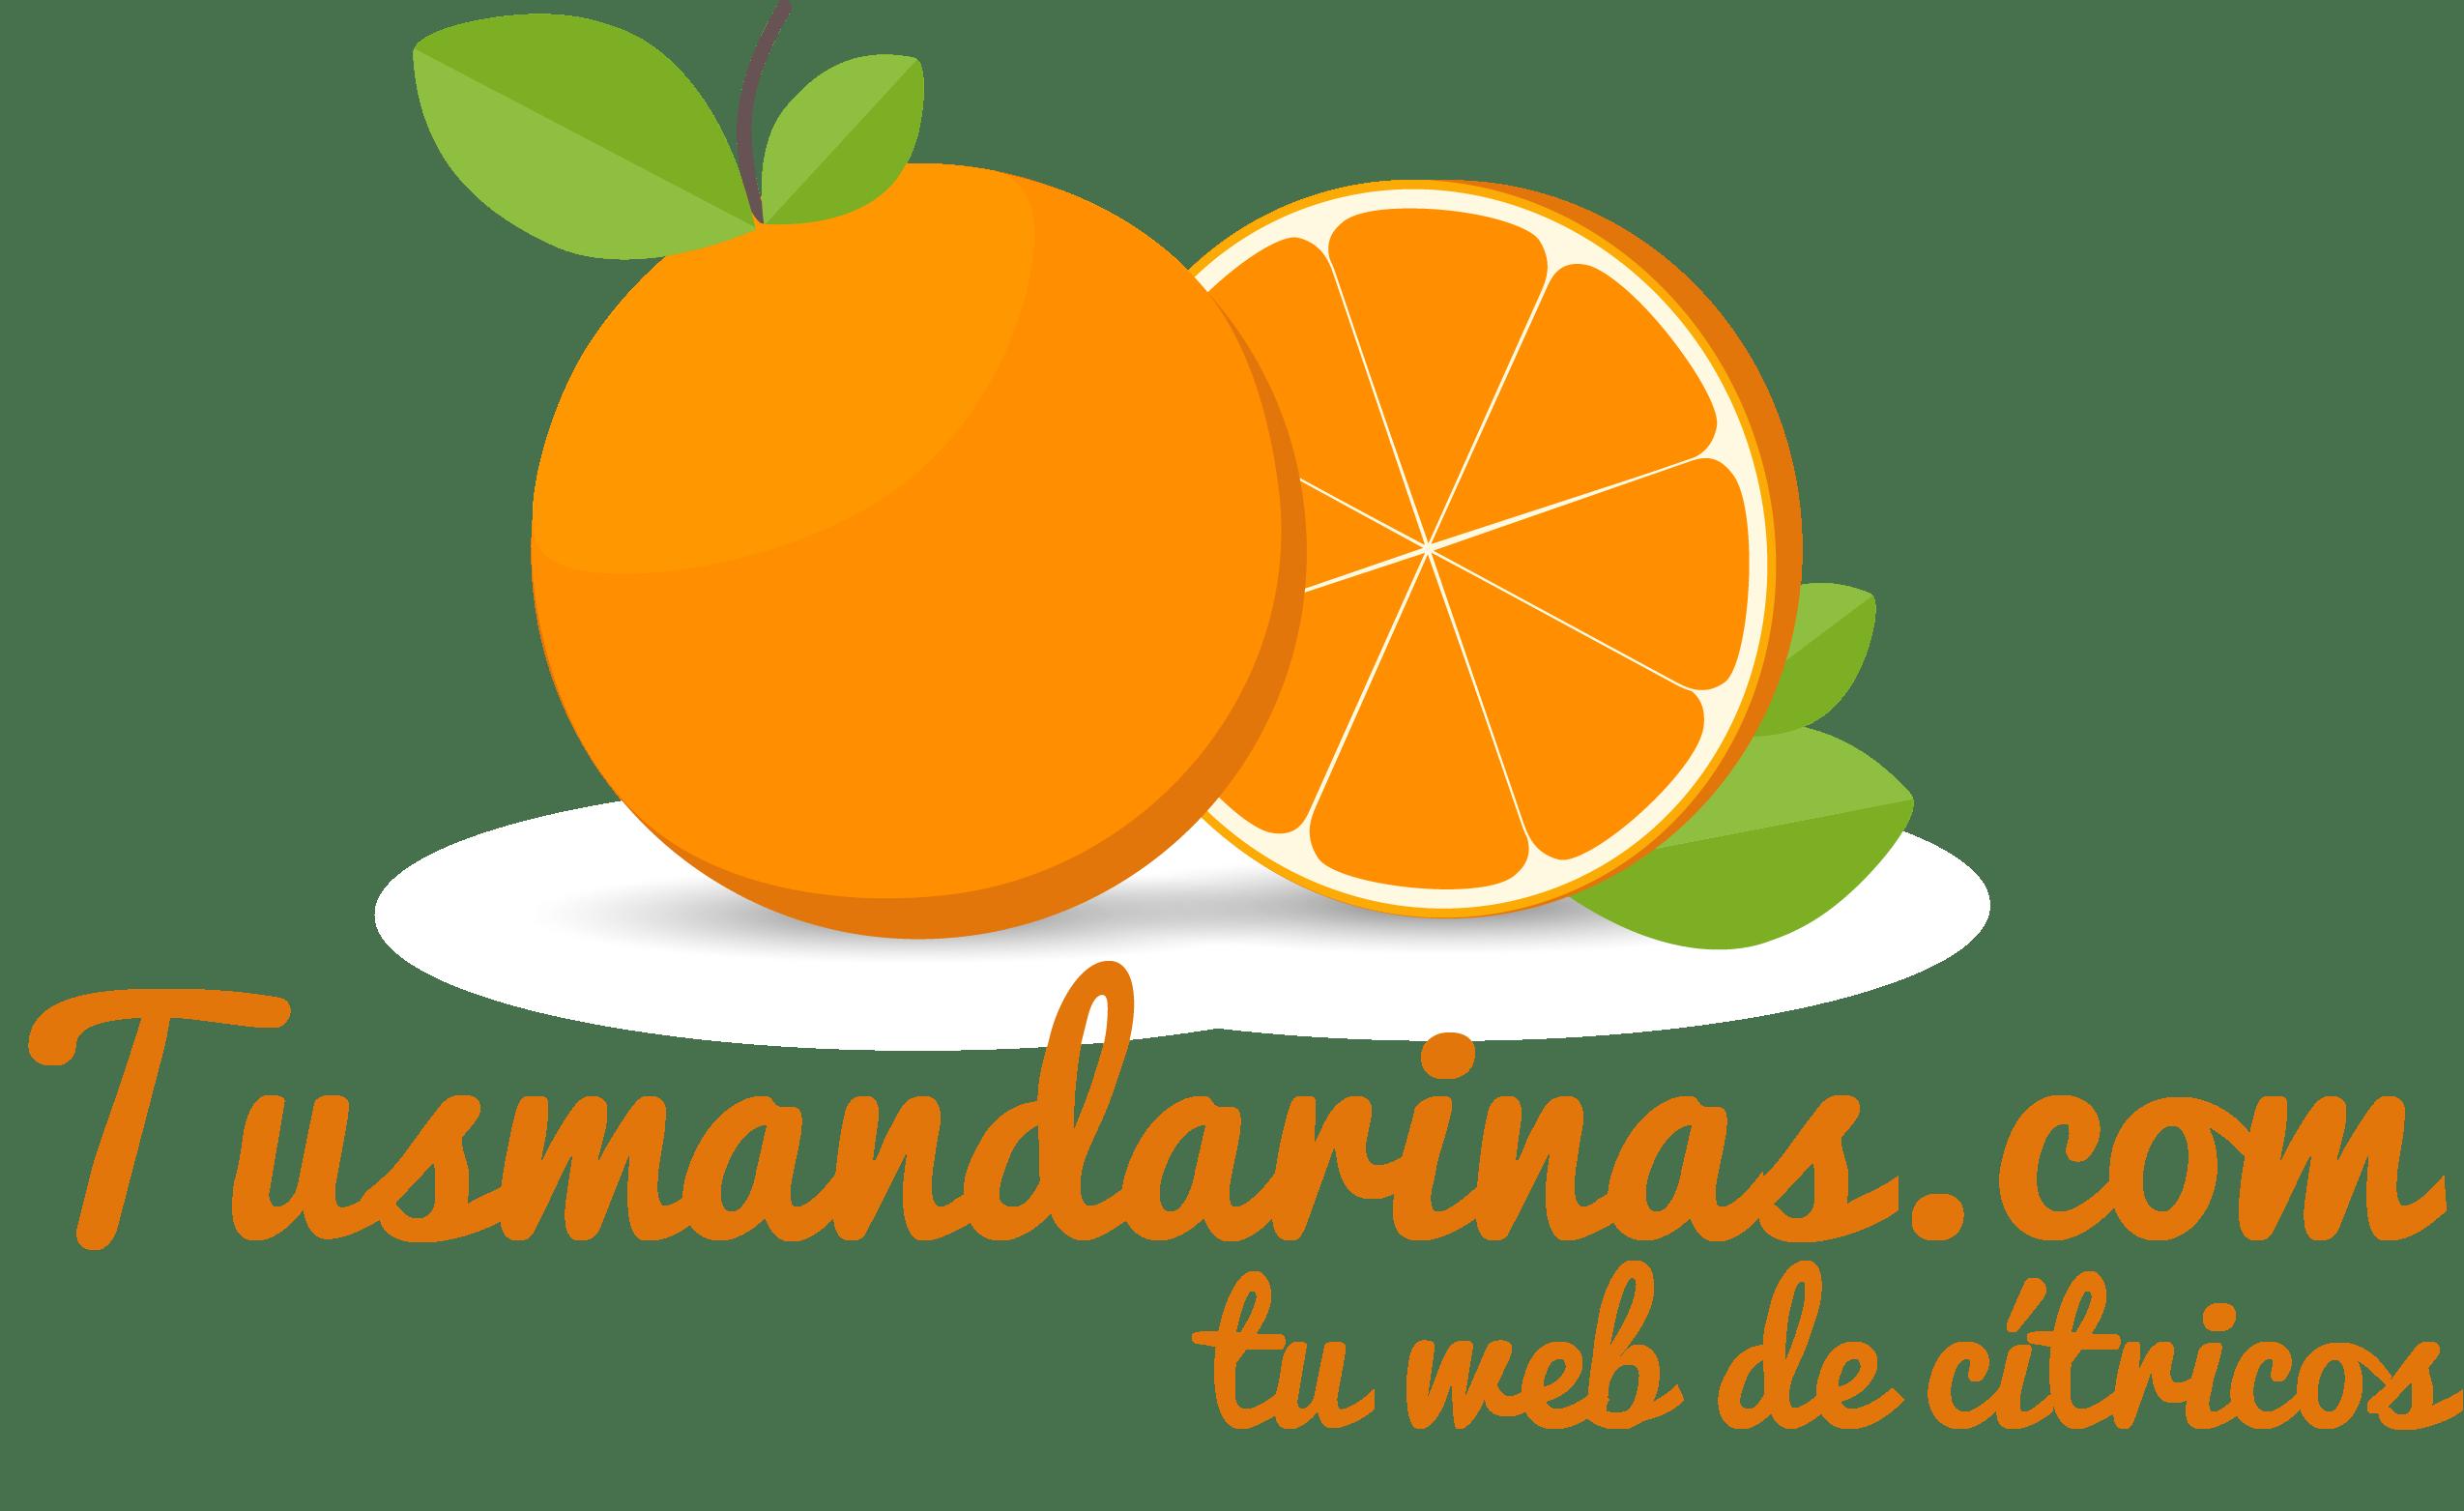 tusmandarinas.com